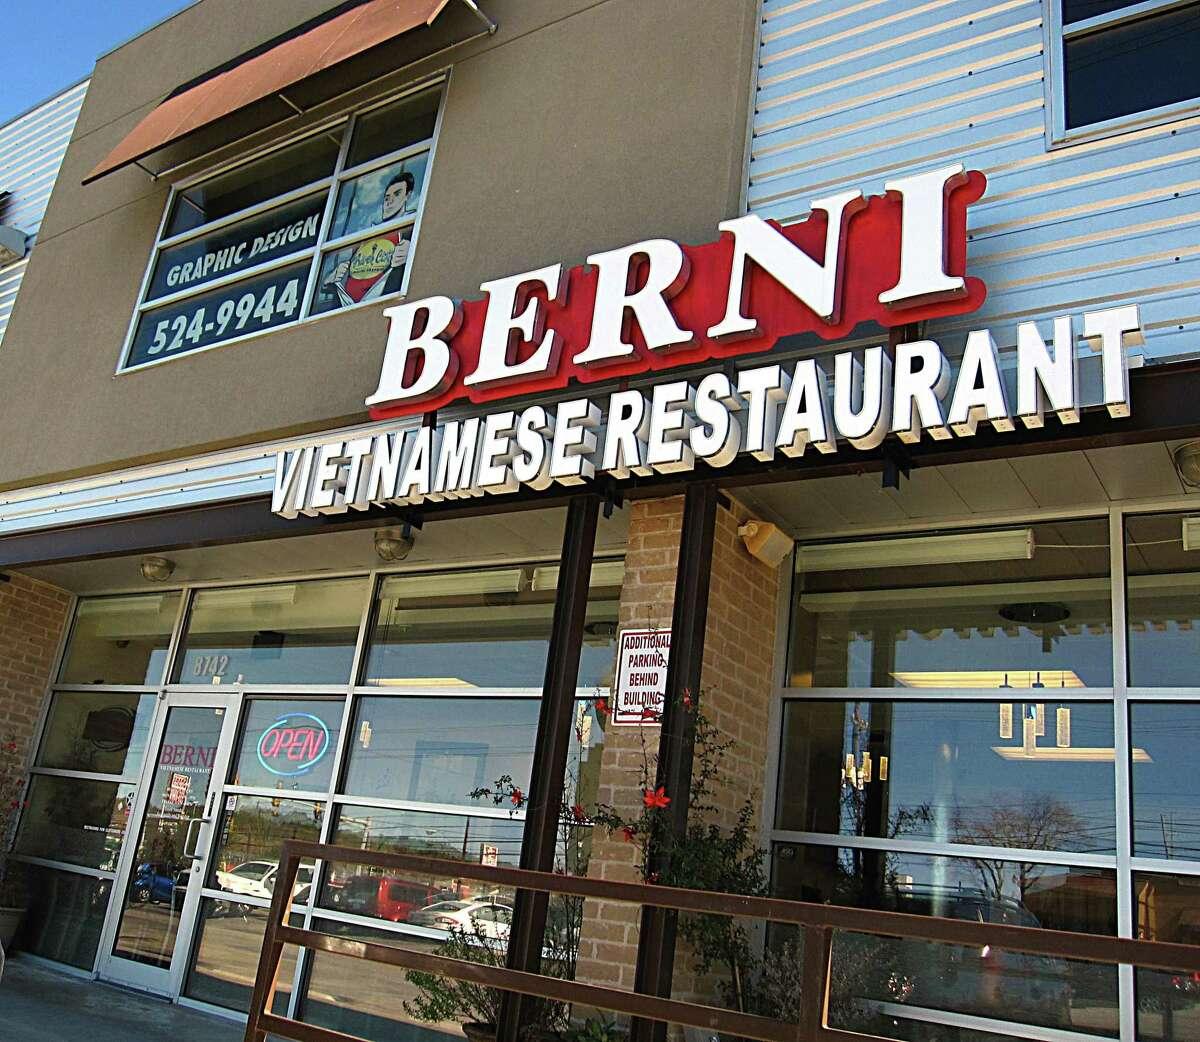 Berni Vietnamese Restaurant is named for Berni, the rabbit mascot of the European soccer championships.